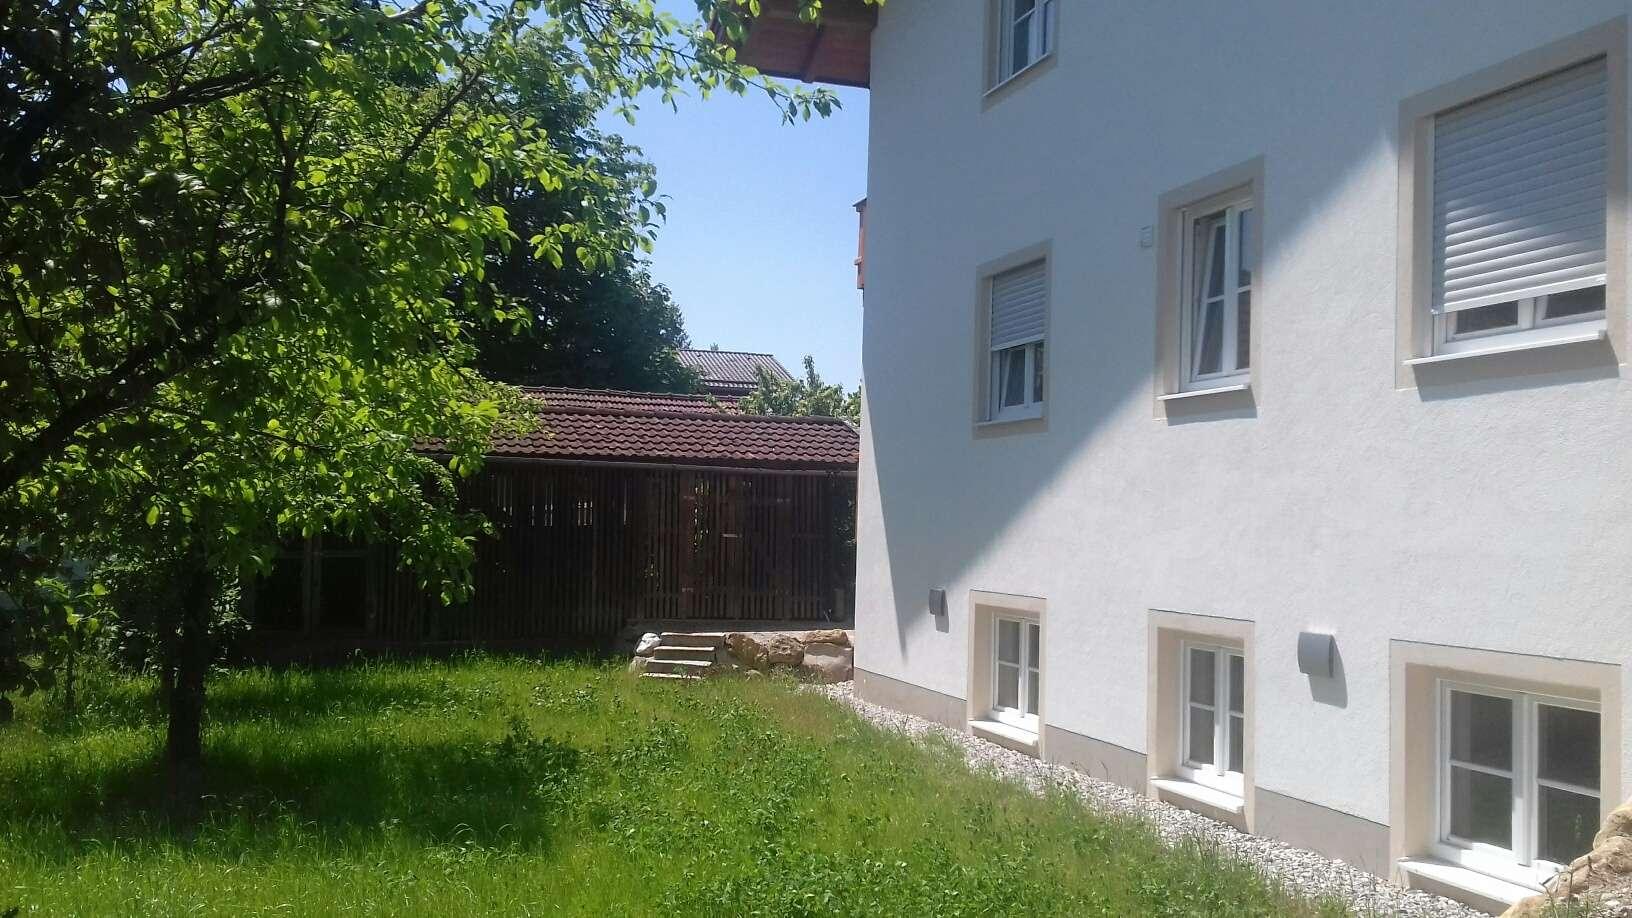 4-Zimmerwohnung in ruhiger Lage mit Südterrasse/Neubau in Murnau am Staffelsee